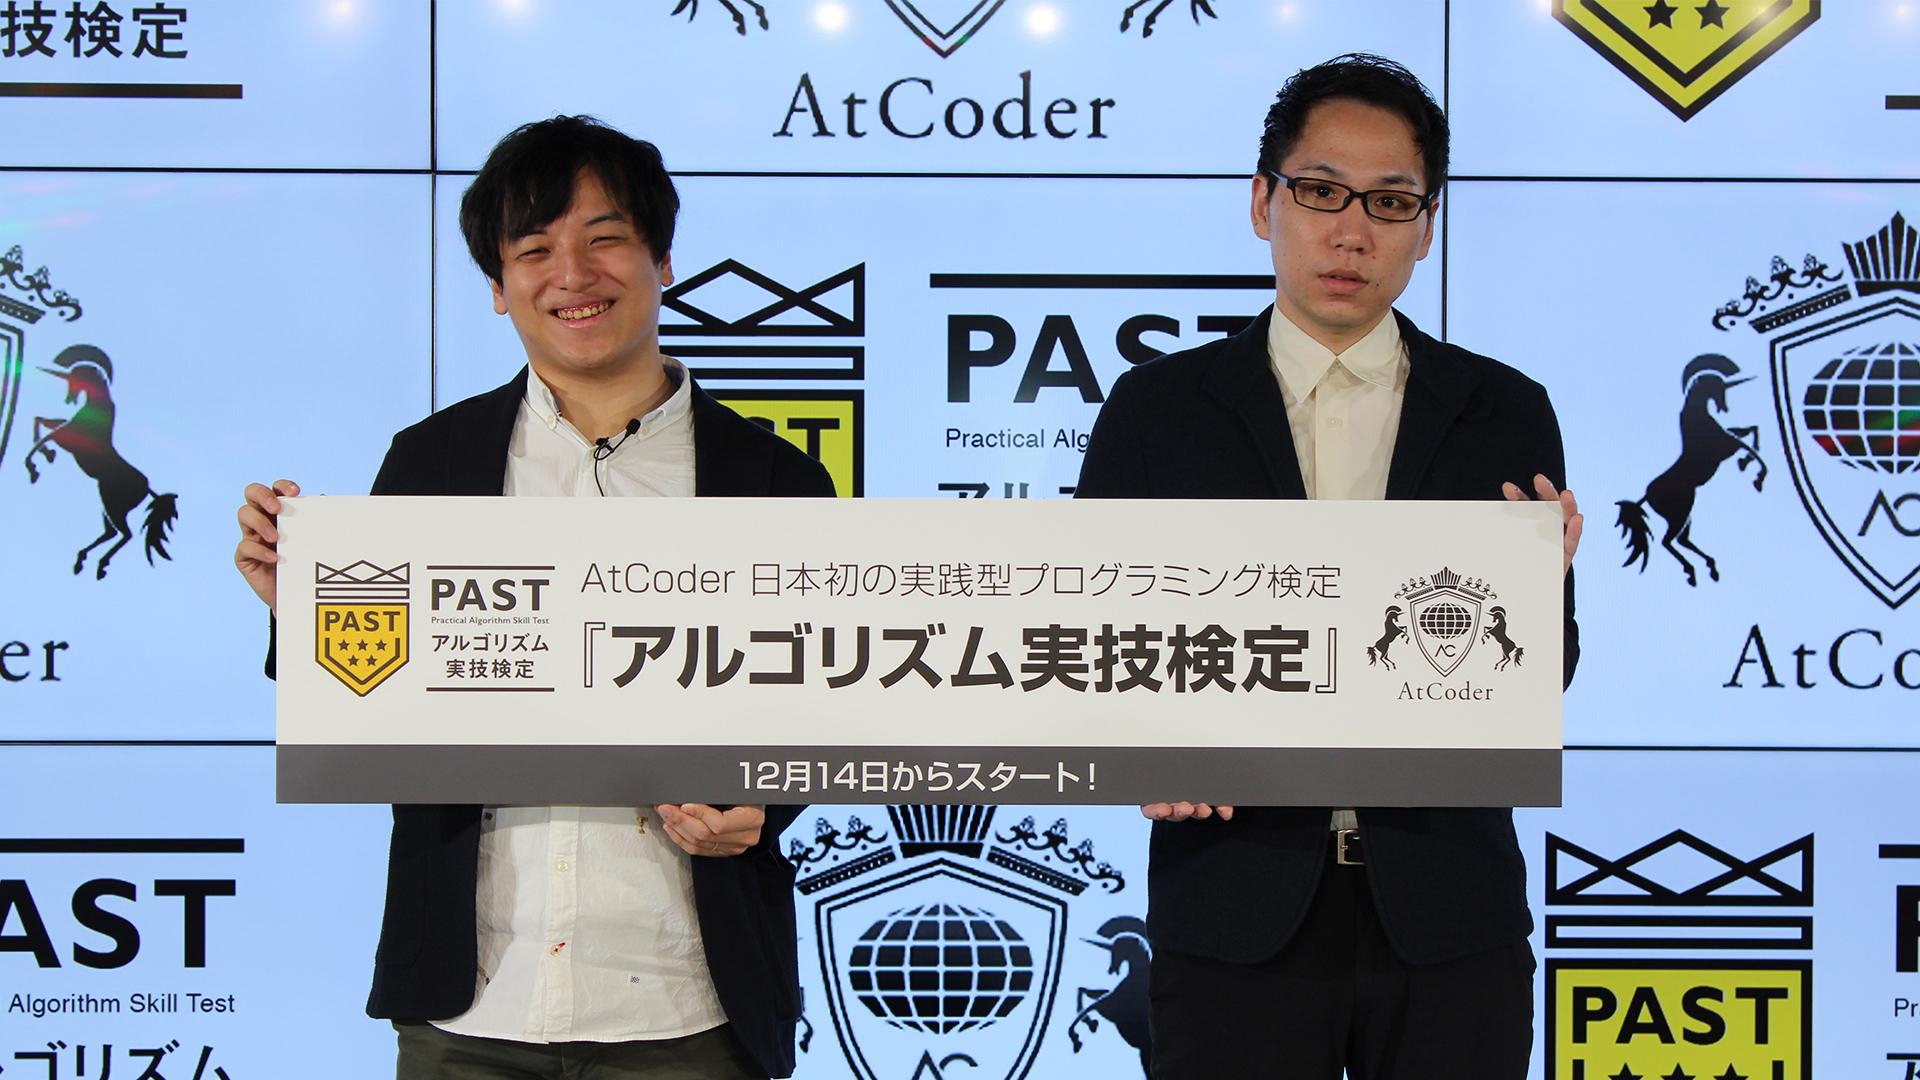 【日本初、プログラマーの実力検定がスタート】他、新着トレンド11月15日